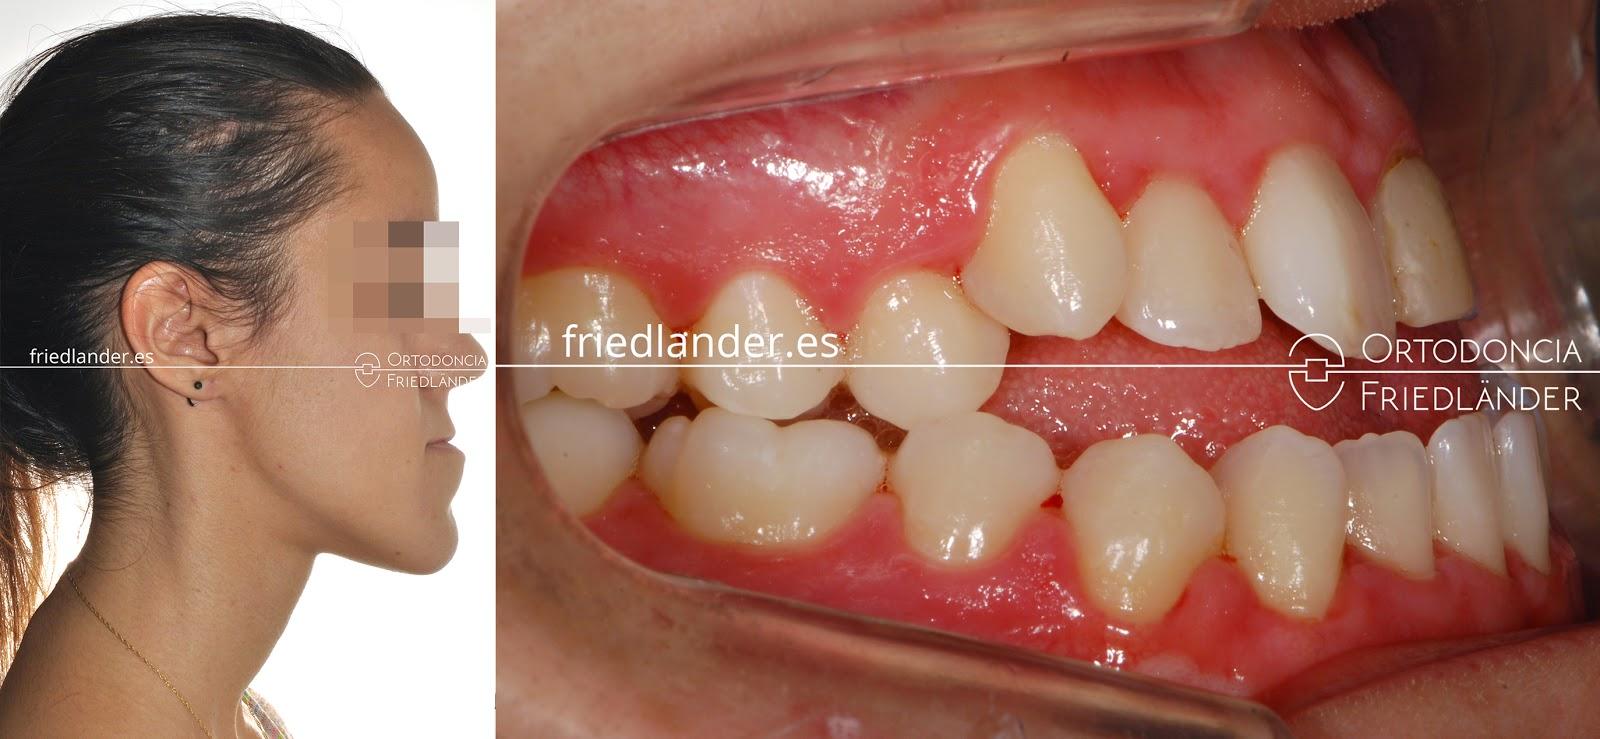 La Cirugía ortognática para tratar deformidades faciales 7